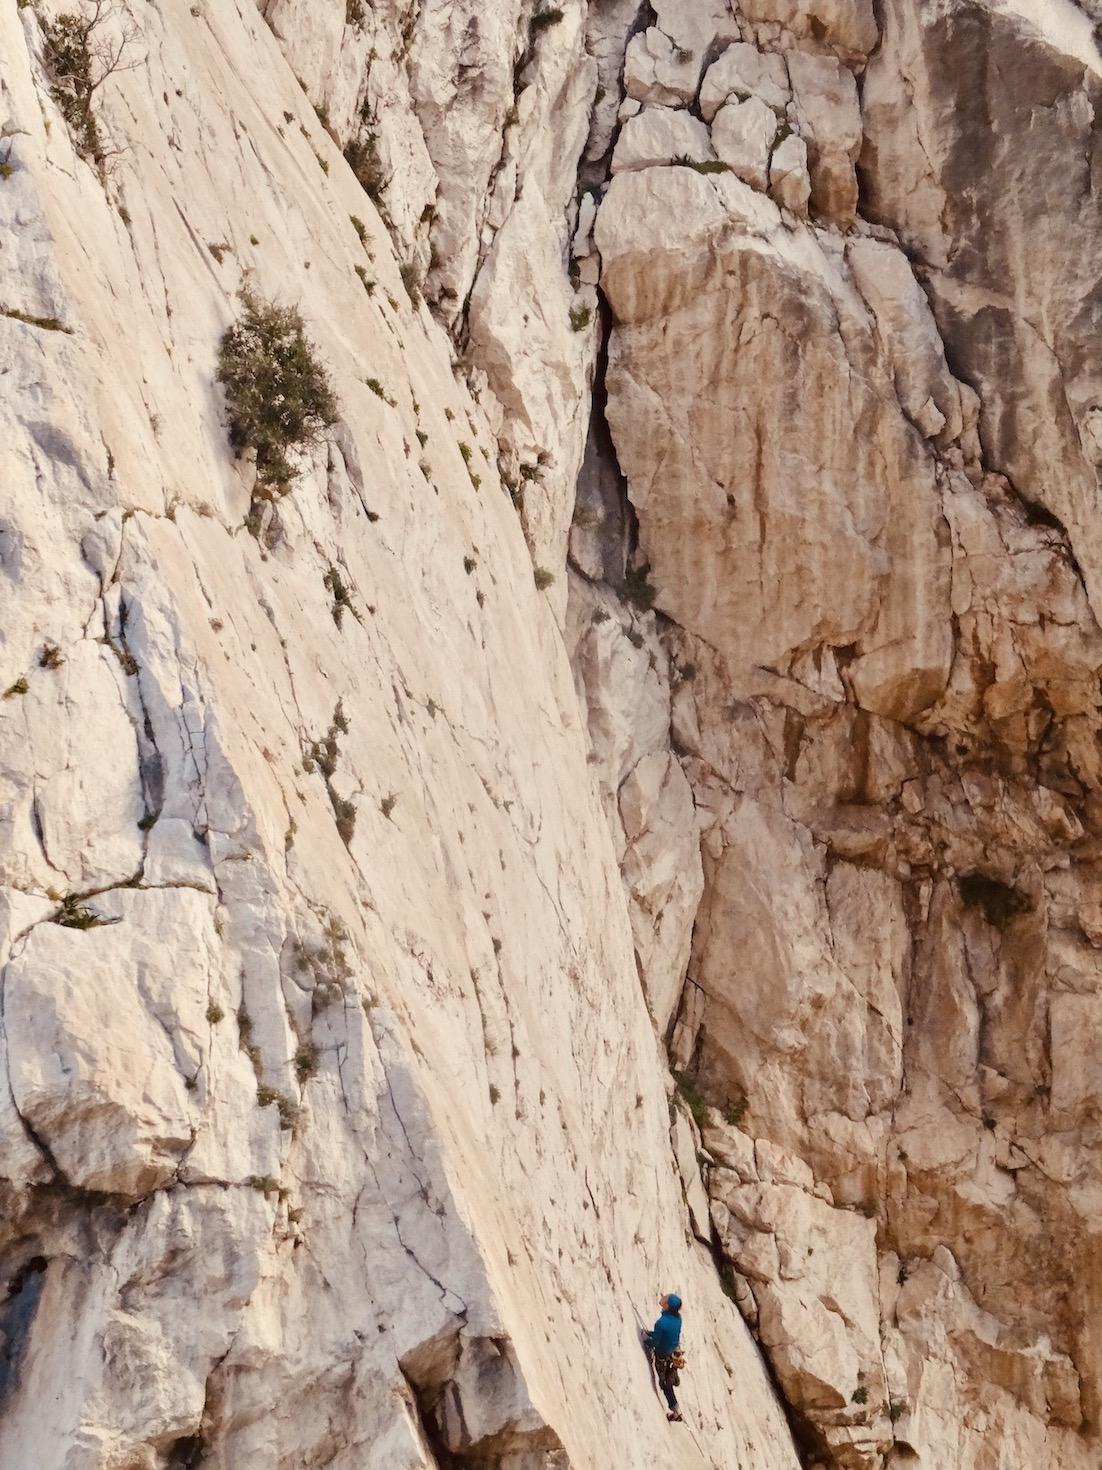 Climbing El Chorro Gorge.